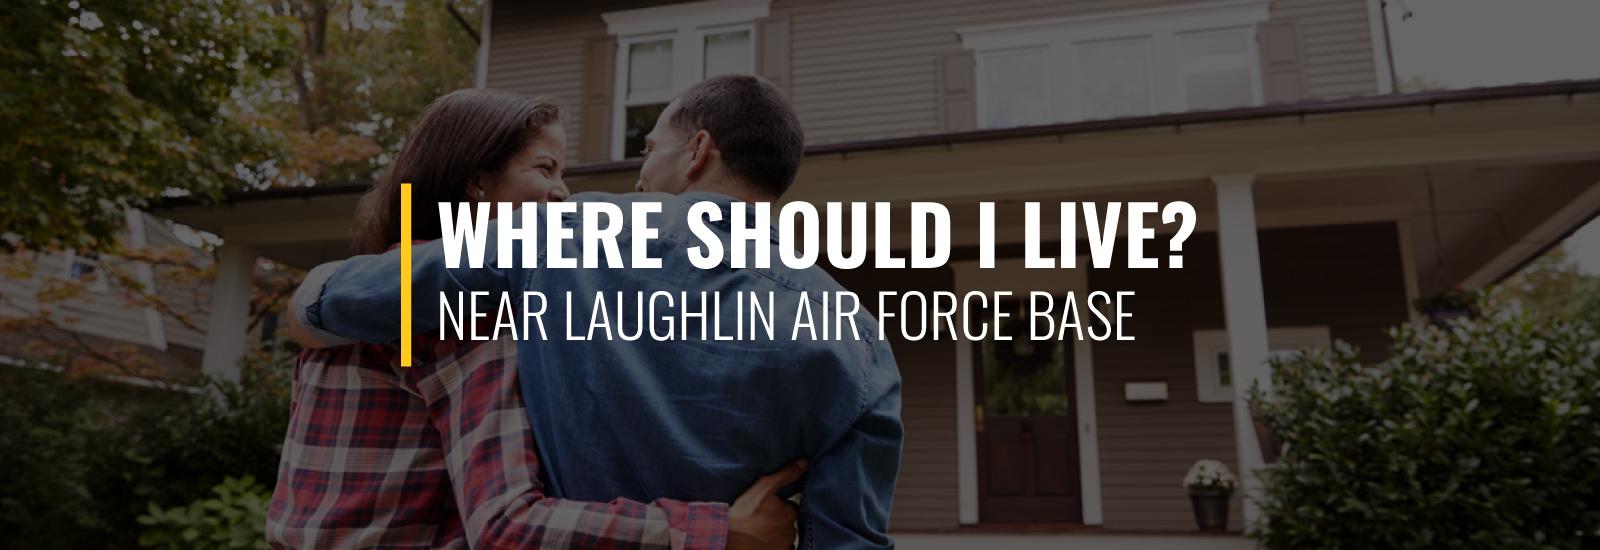 Where To Live Near Laughlin Air Force Base?